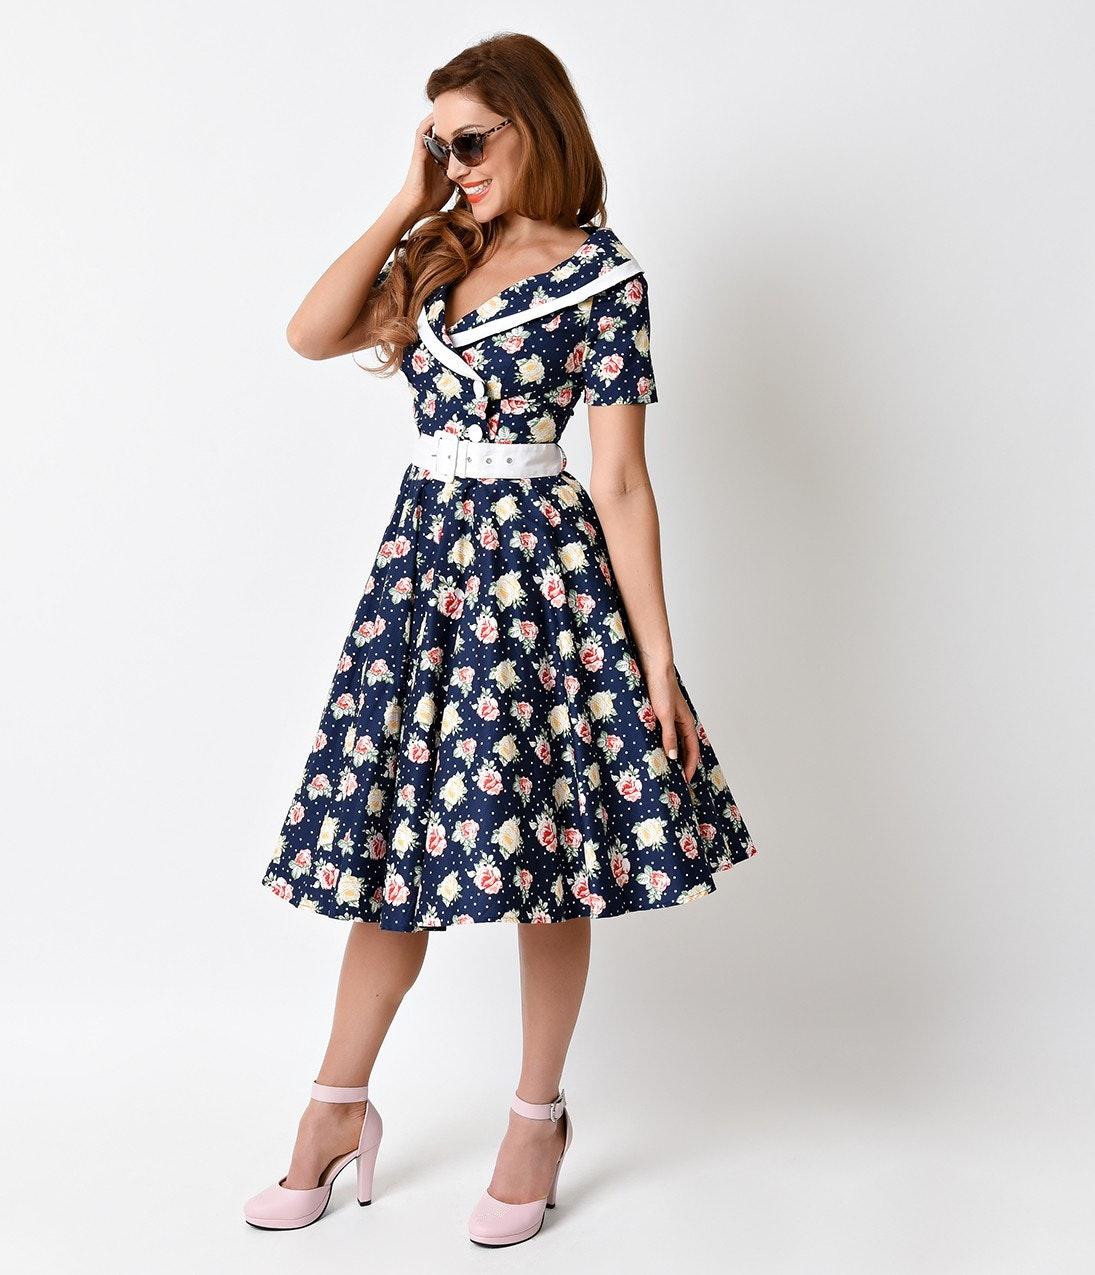 Summer dress haul rite